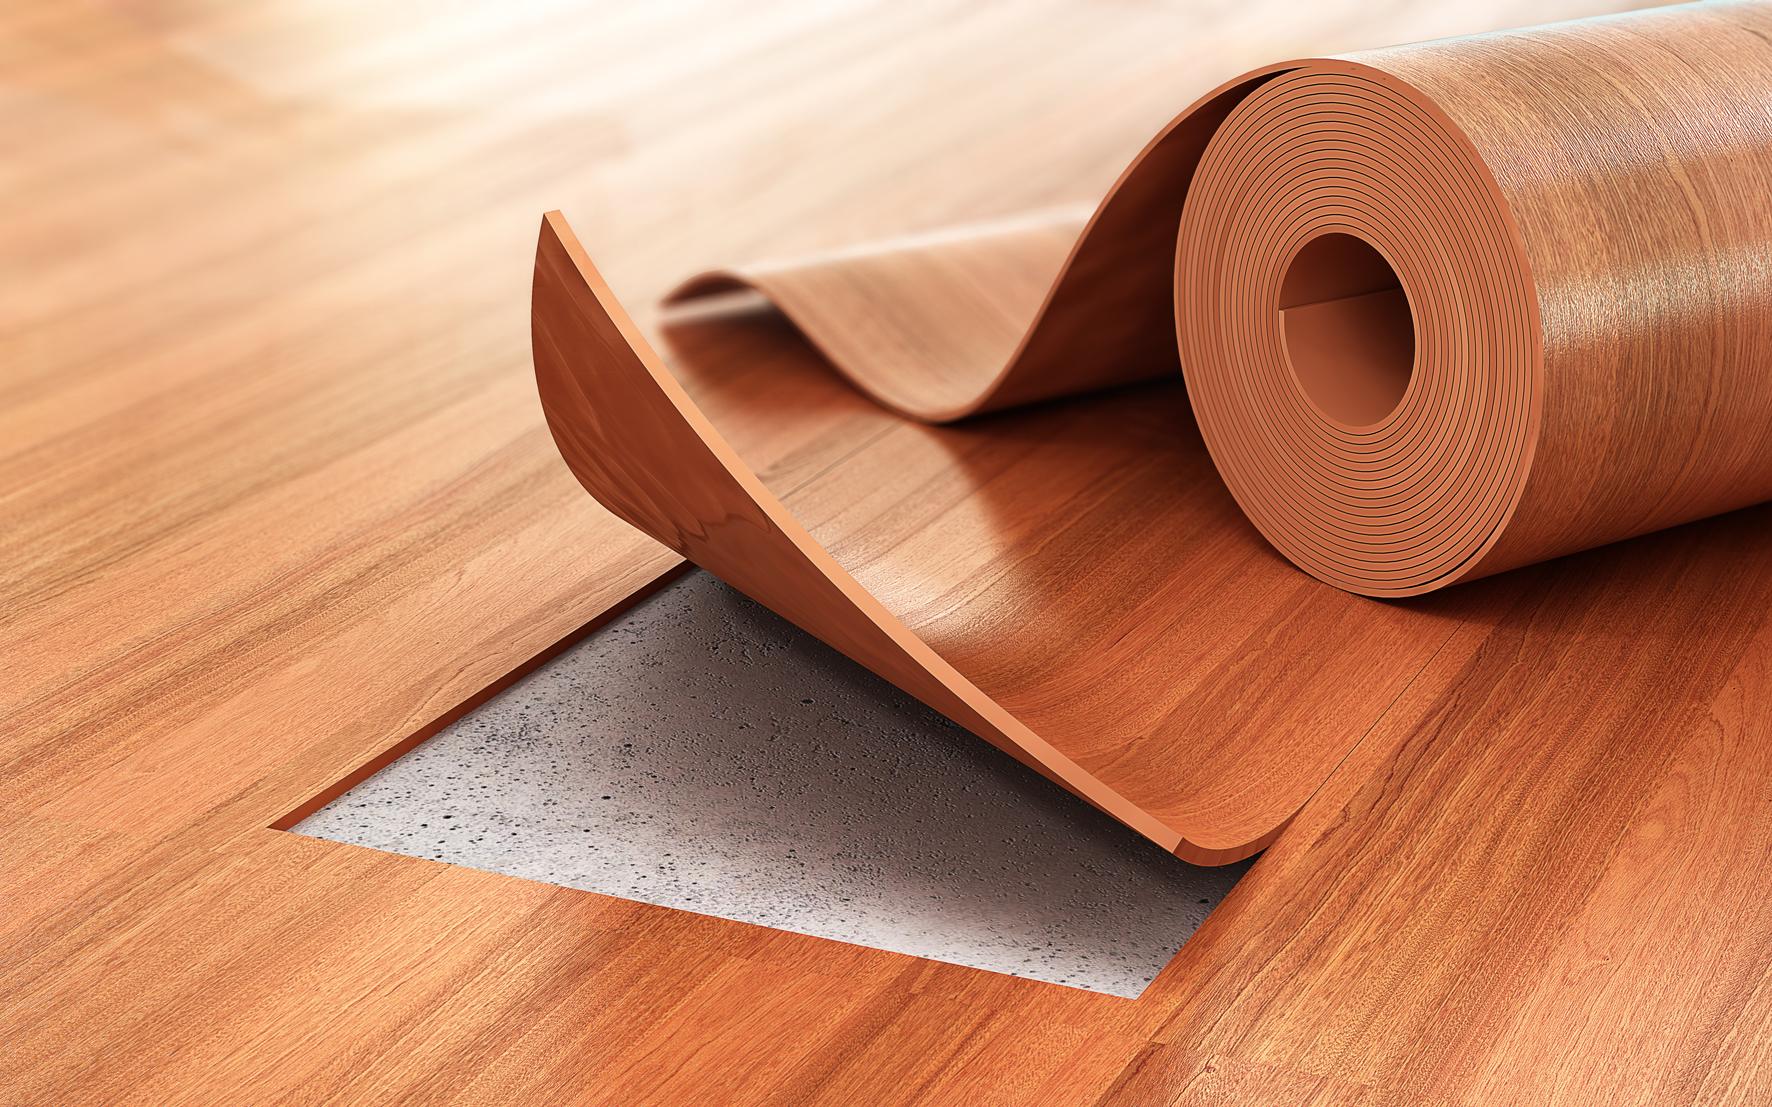 PVC je měkký materiál, takže ruce pryč od drátěnky nebo přípravků na bázi tekutého písku. S poškrábaným povrchem už bychom nic nenadělali. Stejně tak zapomeňte na velmi agresivní čisticí prostředky.